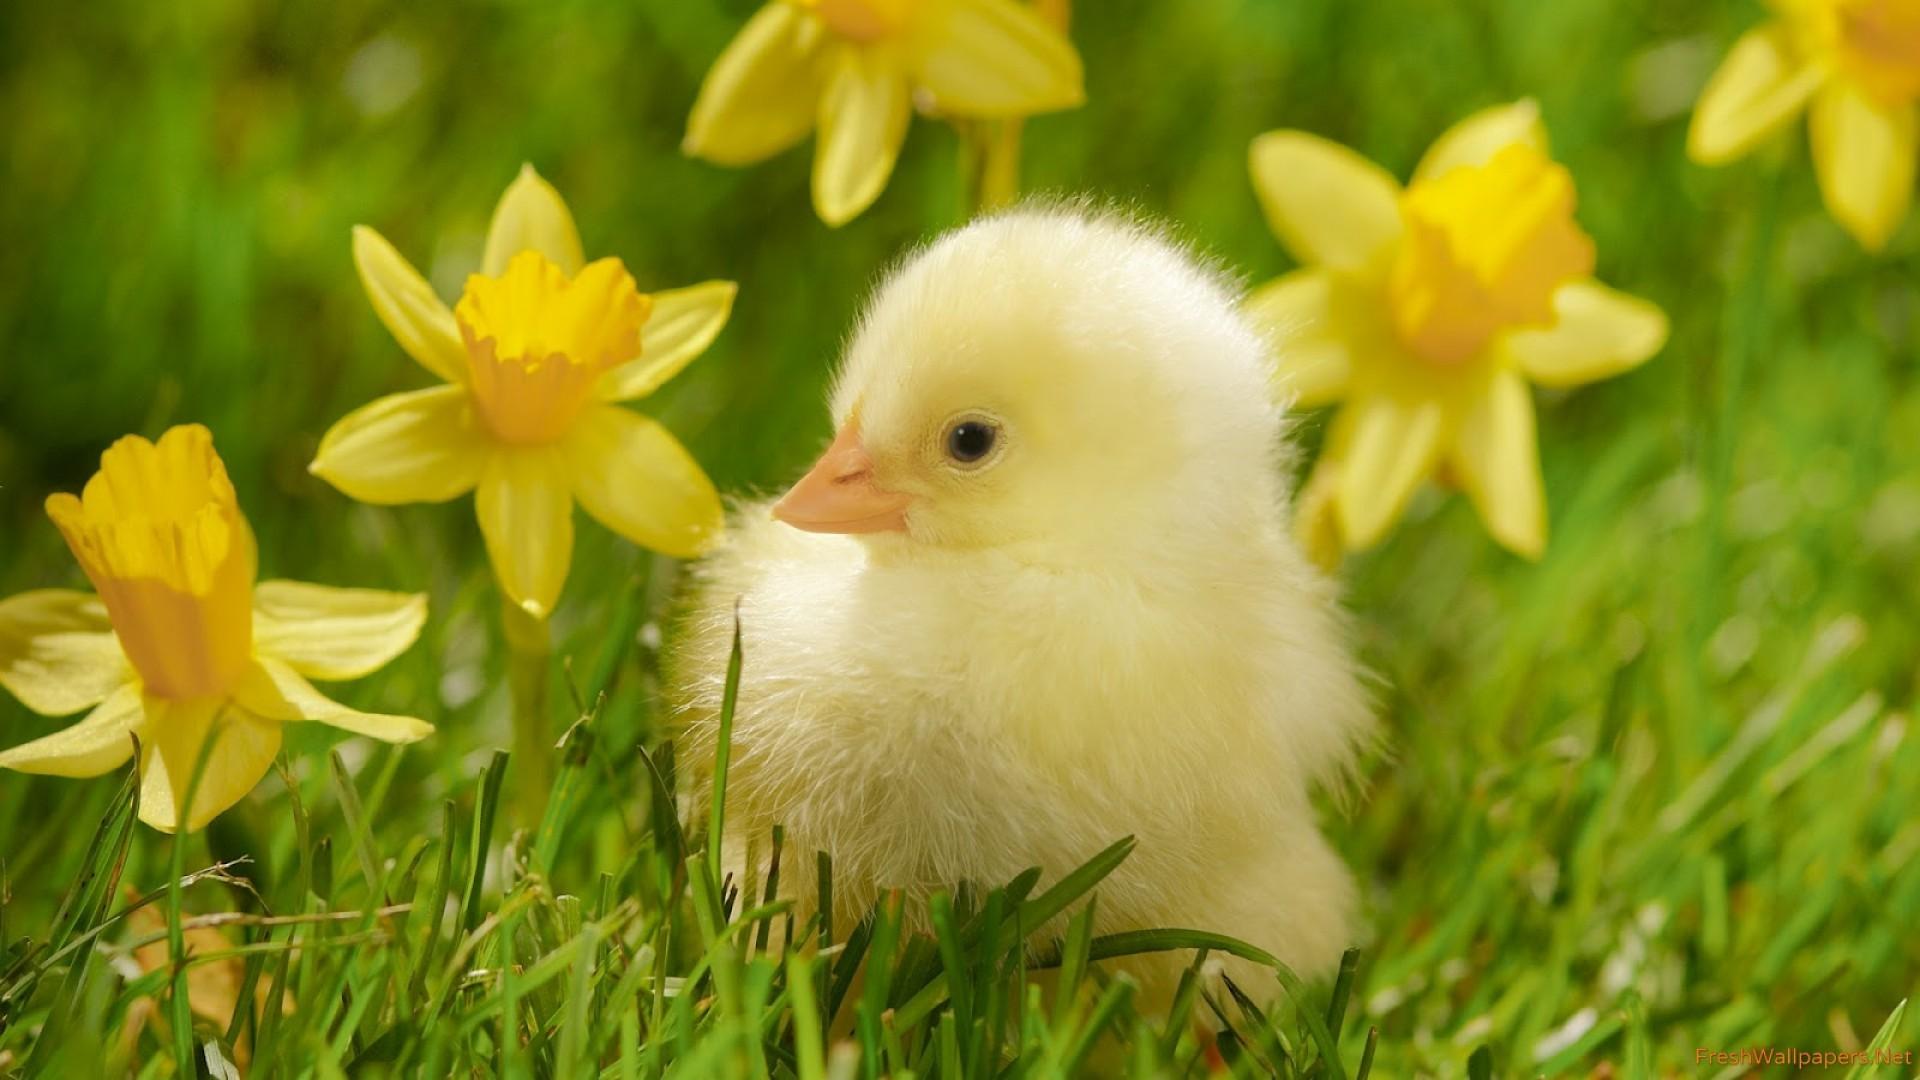 Res: 1920x1080, baby-duck Wallpaper: